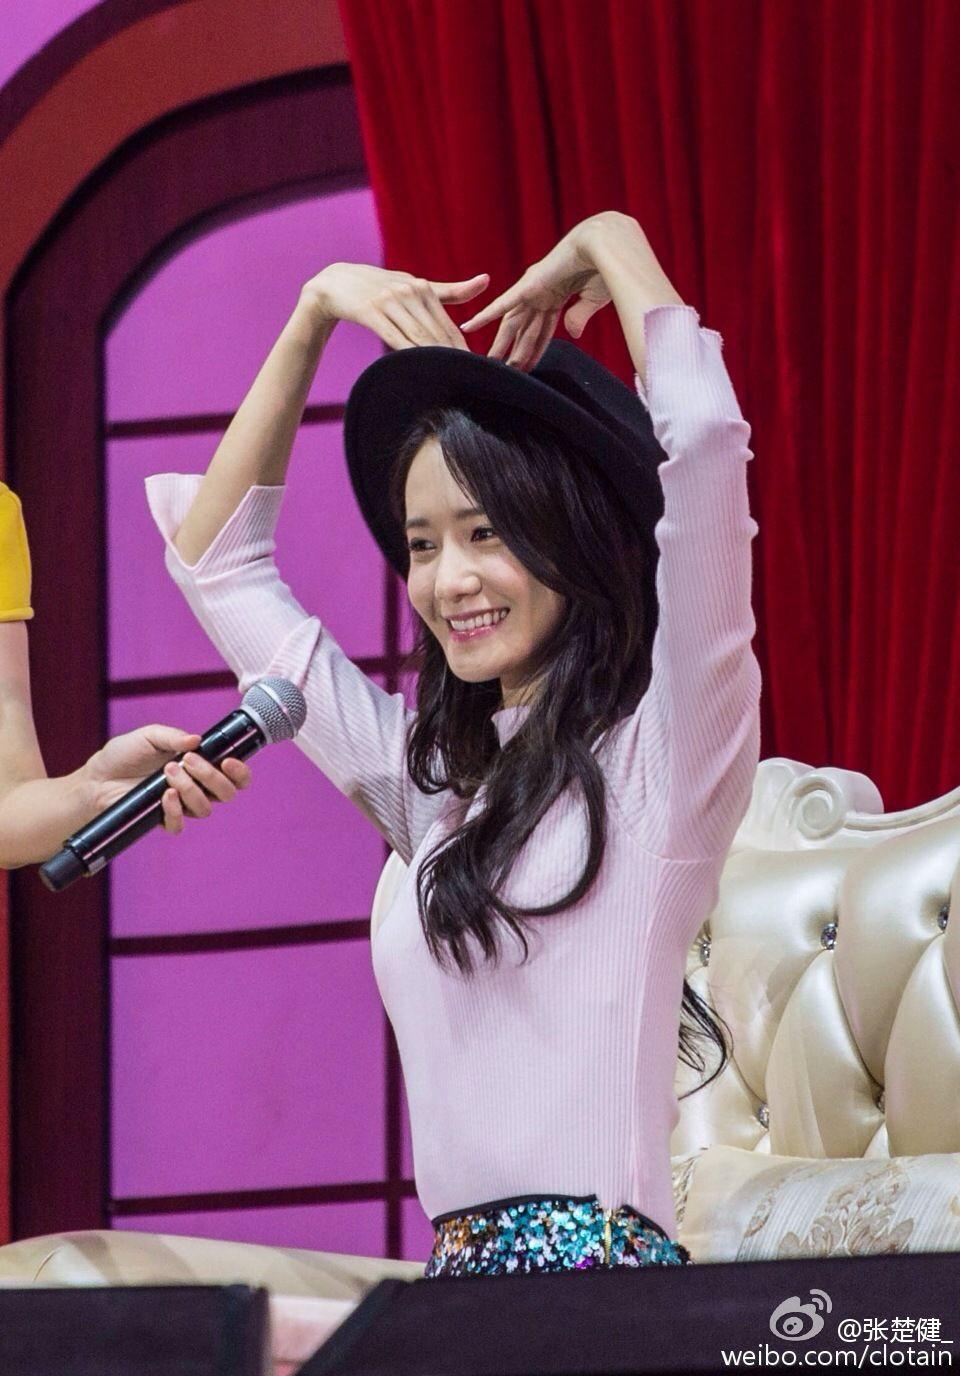 윤아 Yoon-A kpop idol